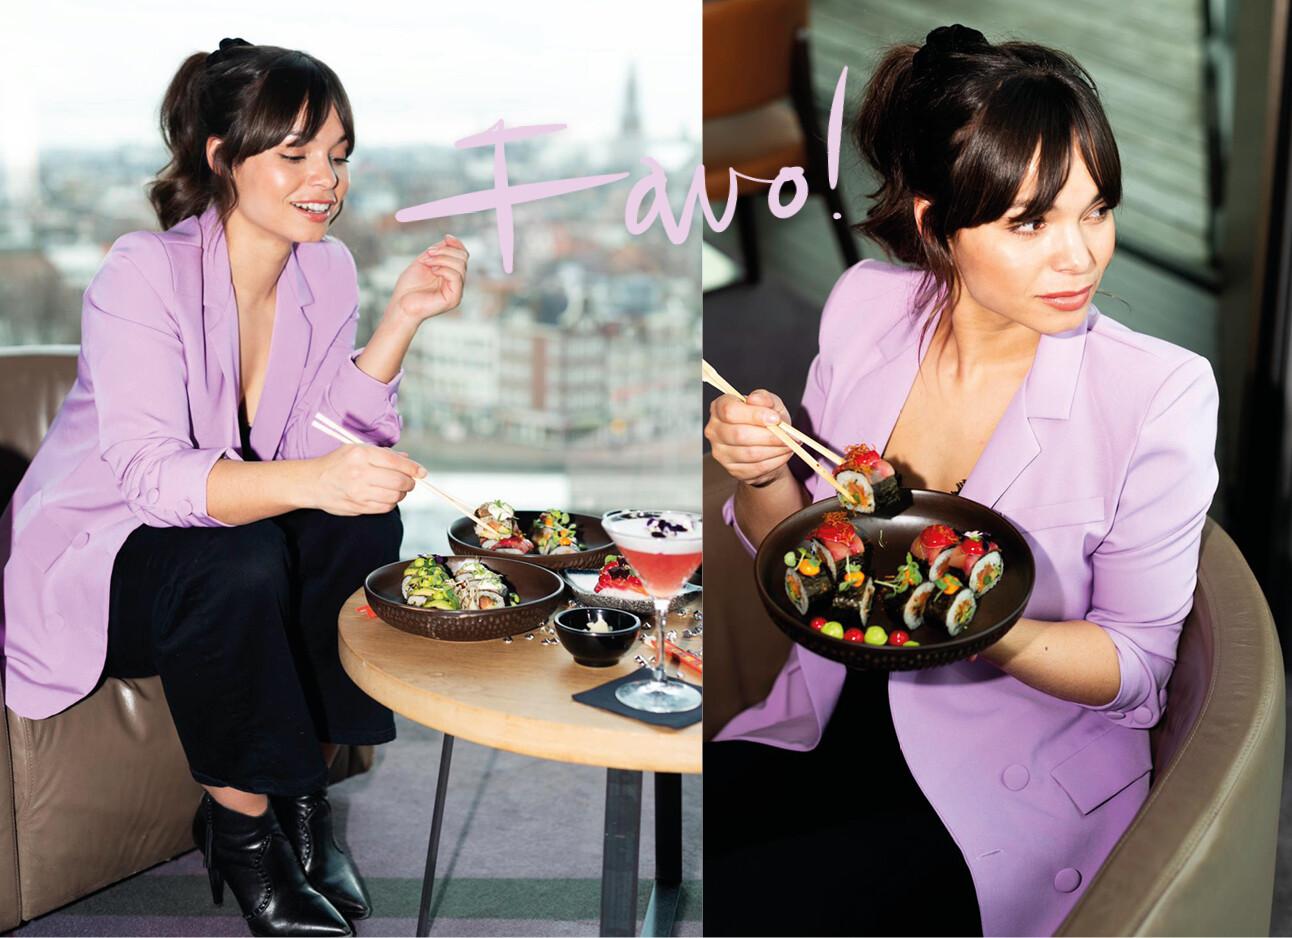 Kiki eet sushi in een restaurant